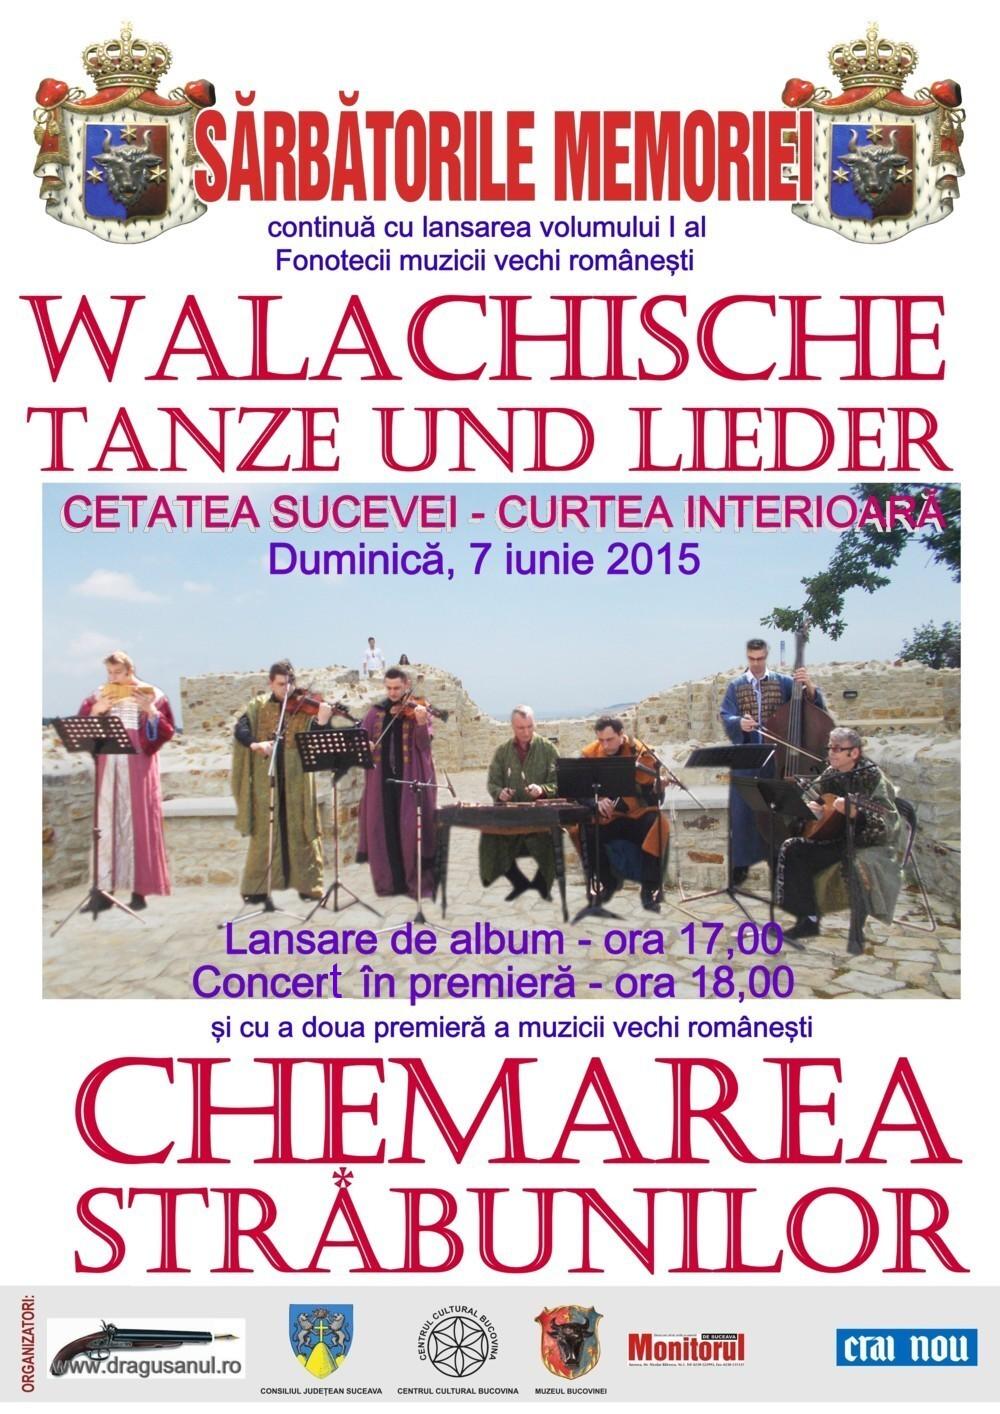 Duminică - 7 iunie 2015, în Cetatea de Scaun a Moldovei